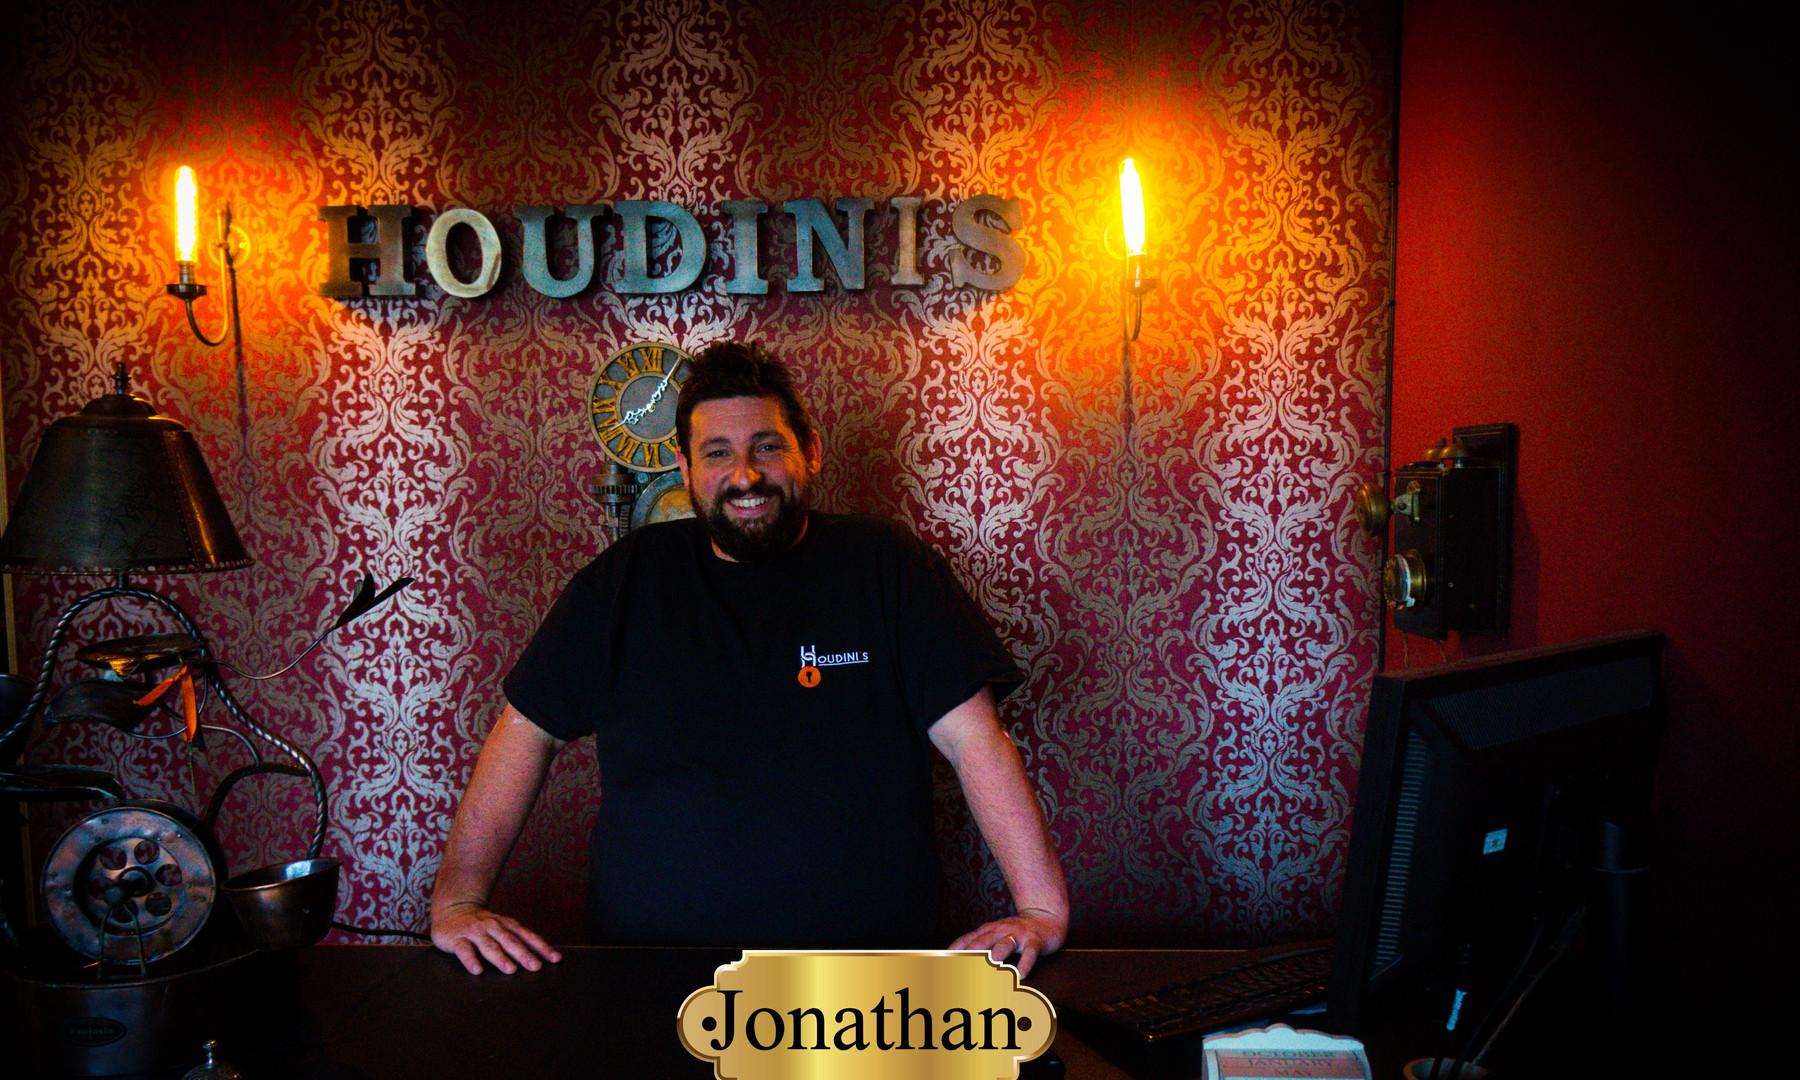 Jonathan 2.jpg